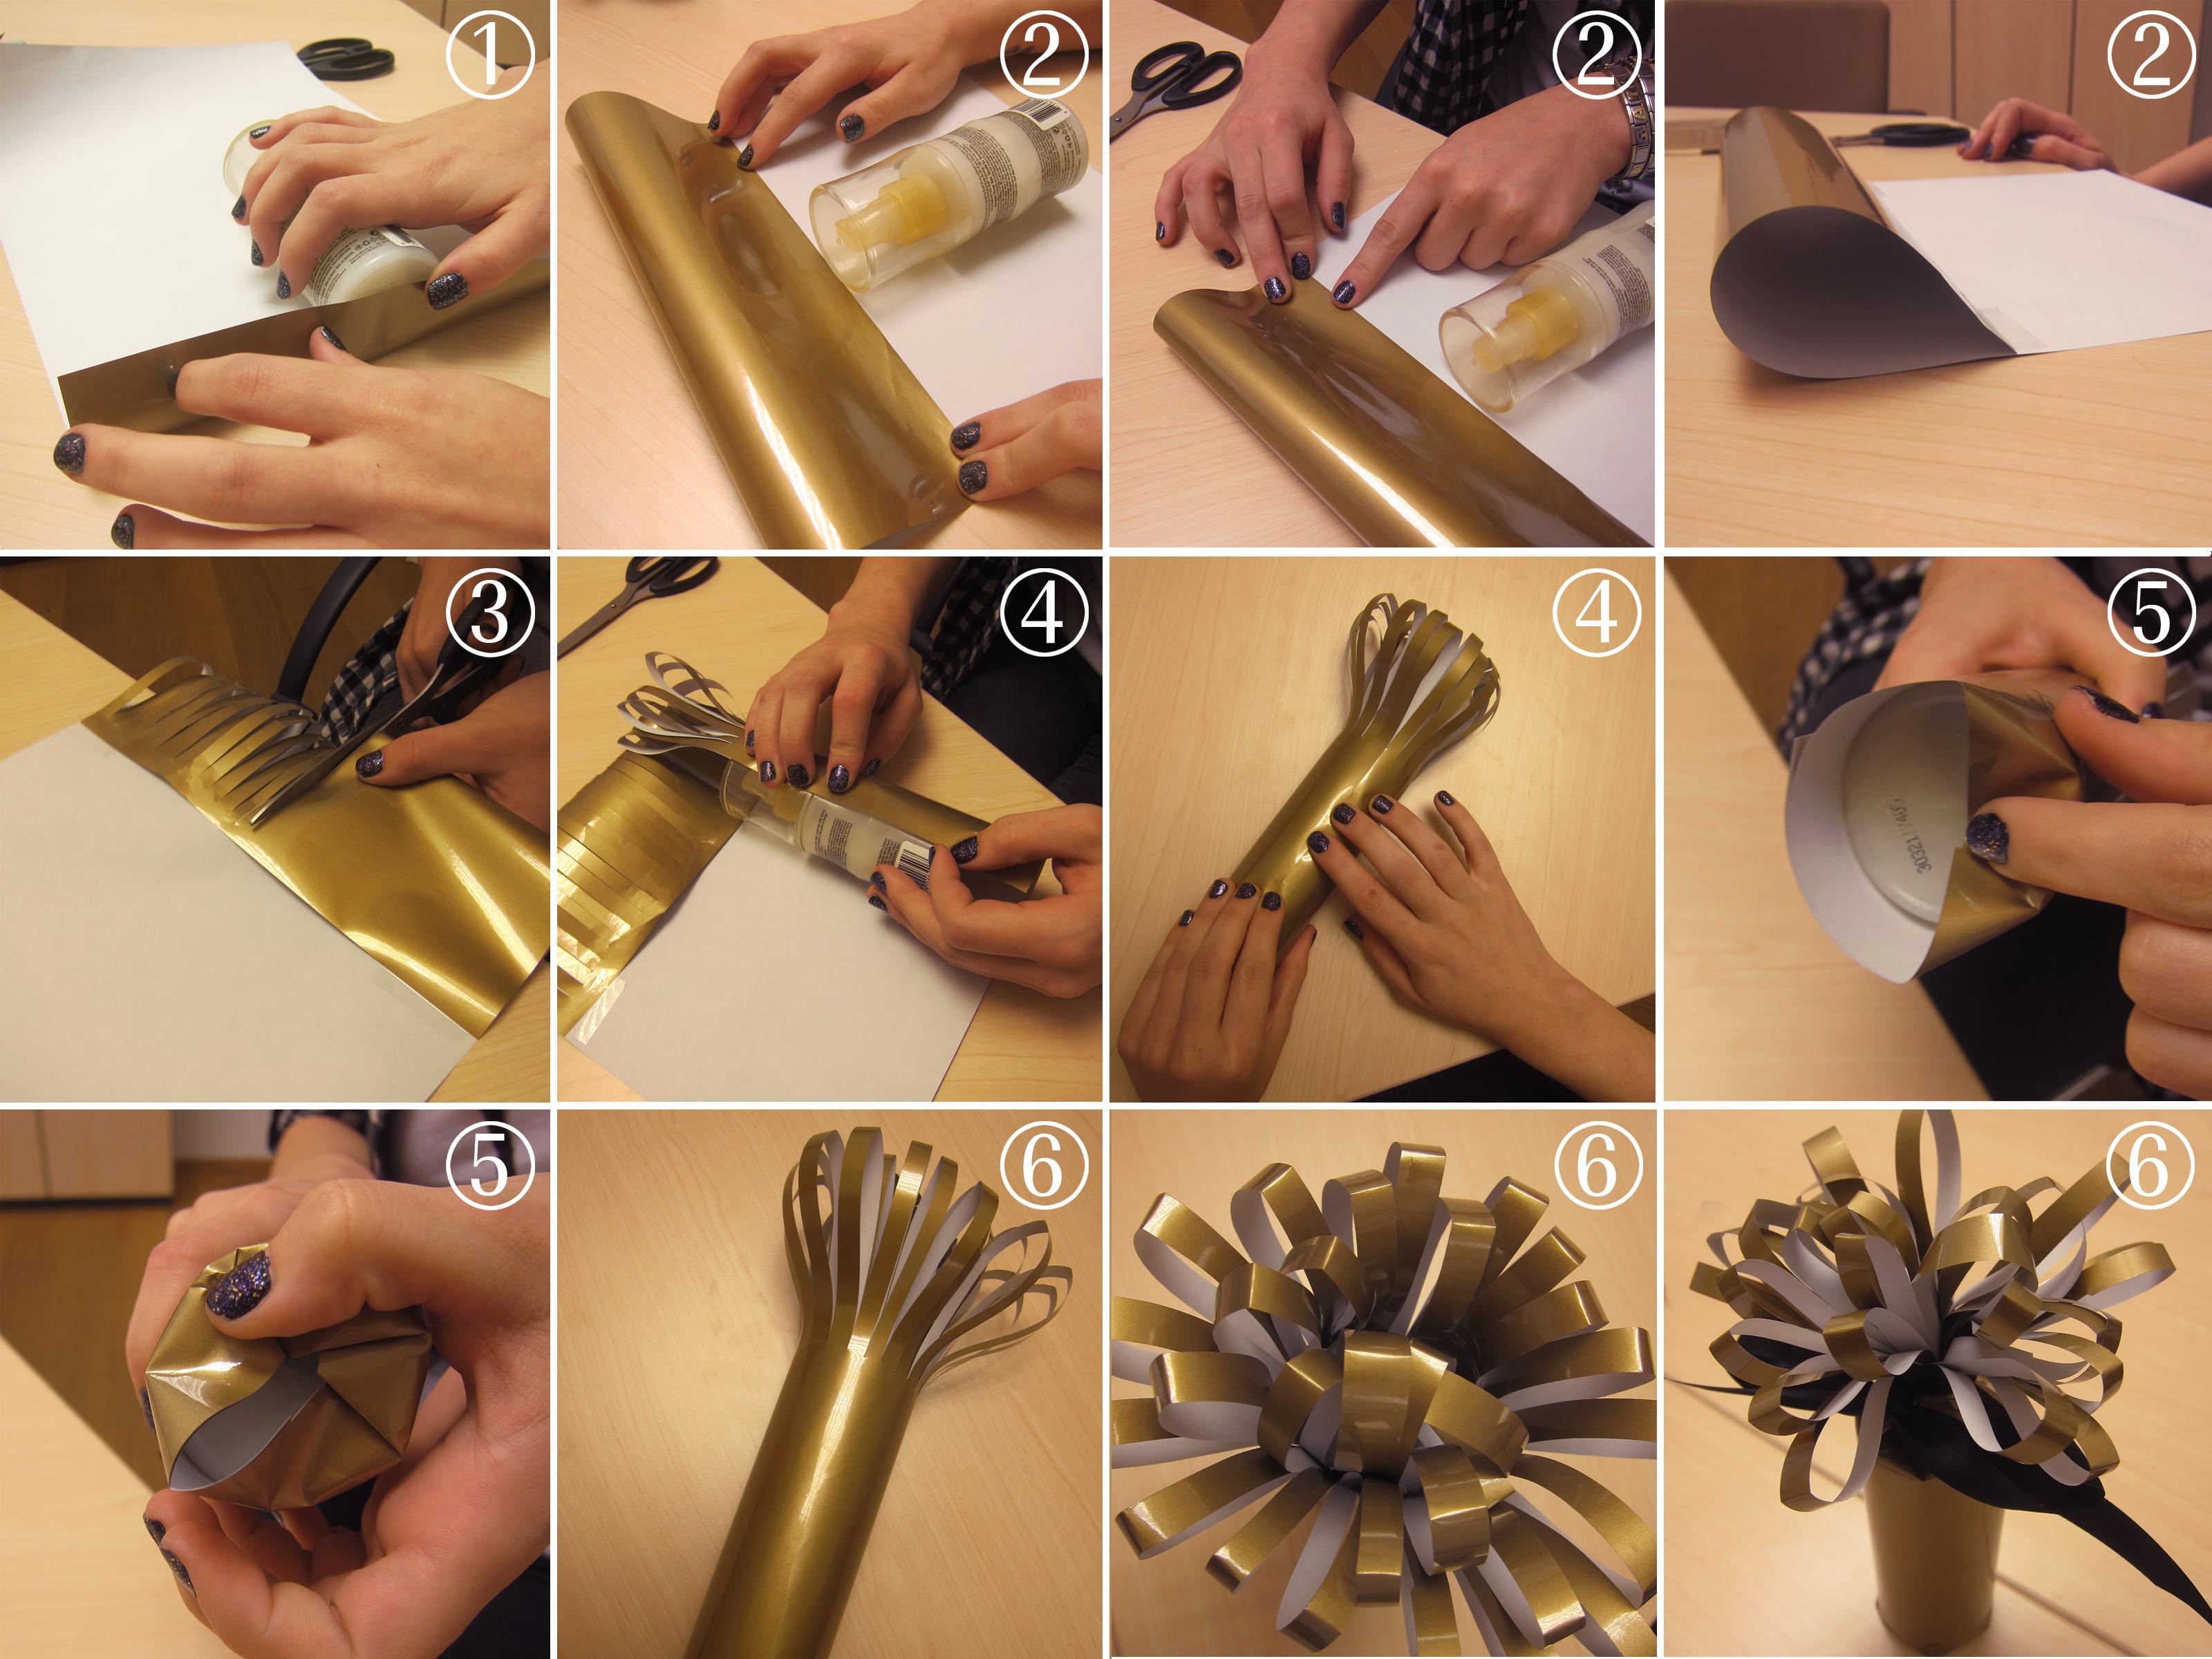 Beliebt Bevorzugt Geschenke verpacken wie ein Profi – Teil 2 - #KP_87